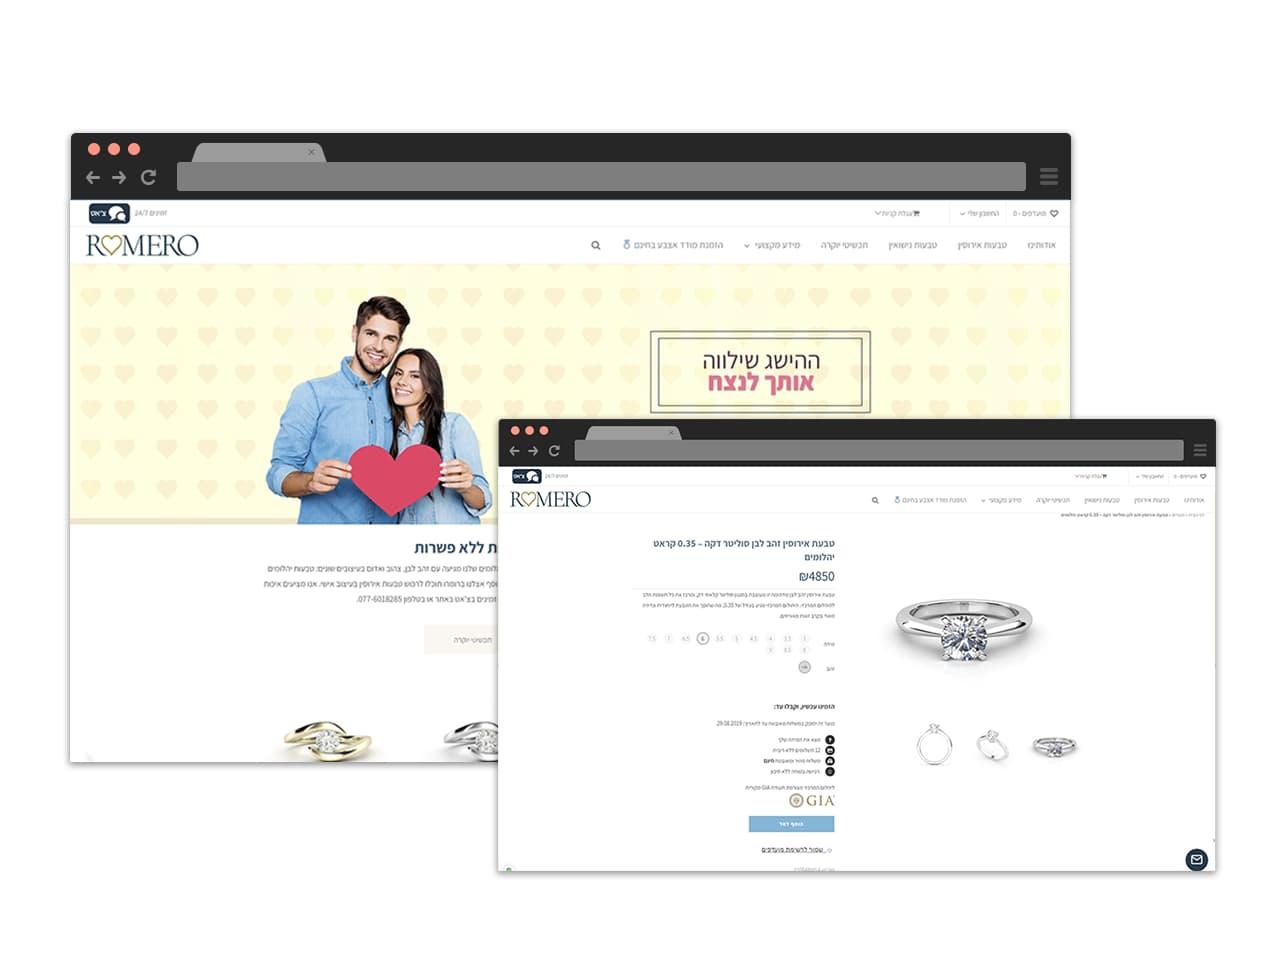 אתר רומרו חנות תכשיטים